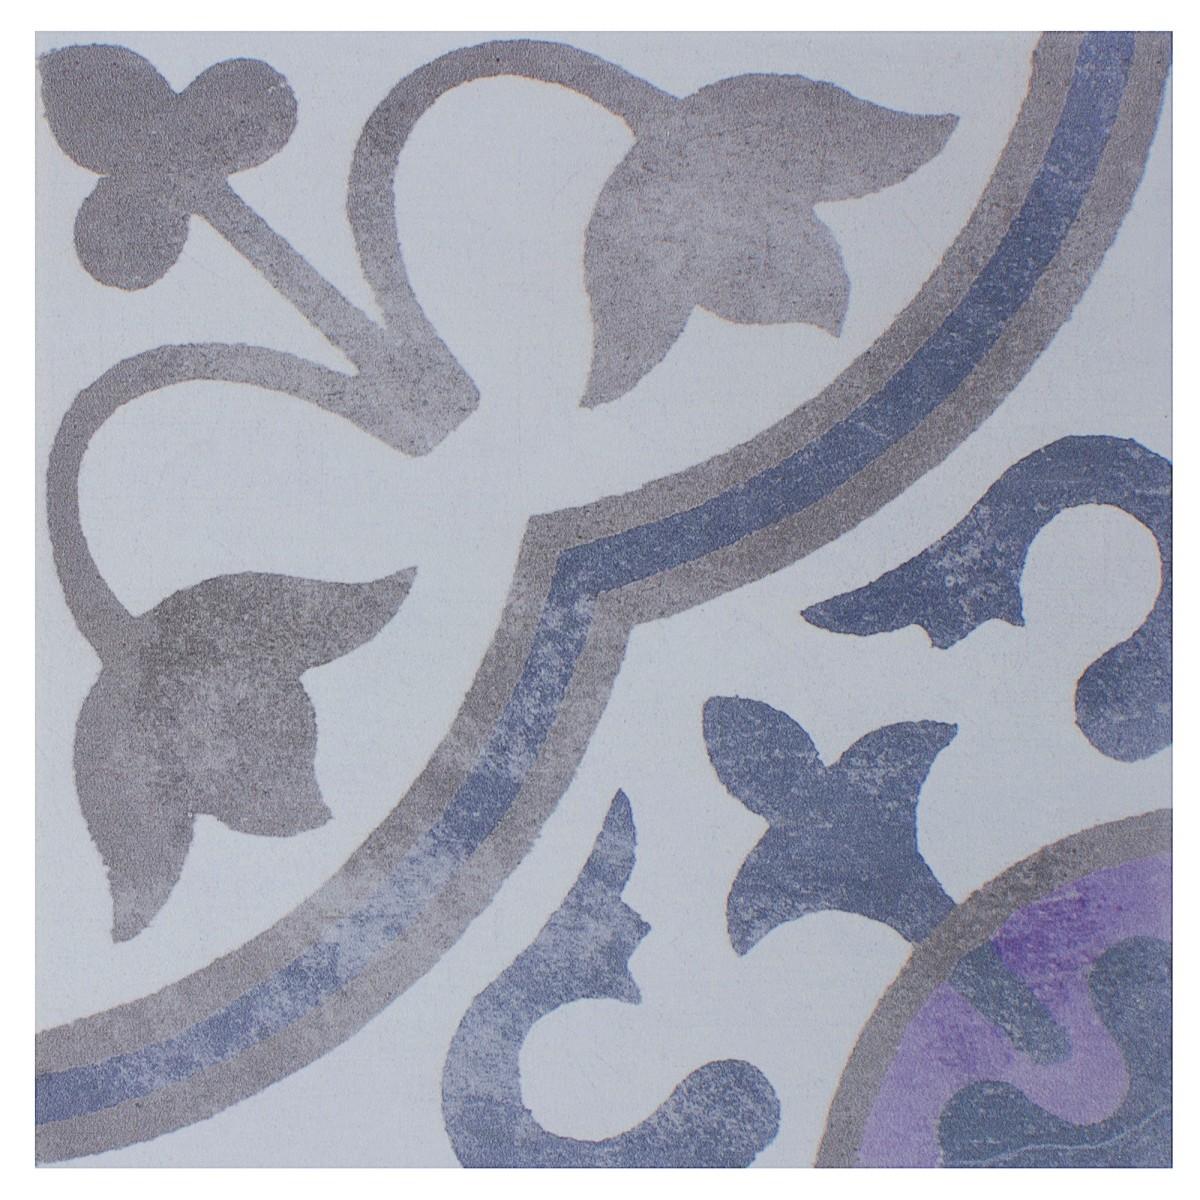 Плитка наcтенная Rustica 20x20 см 1 м2 цвет серый/синий